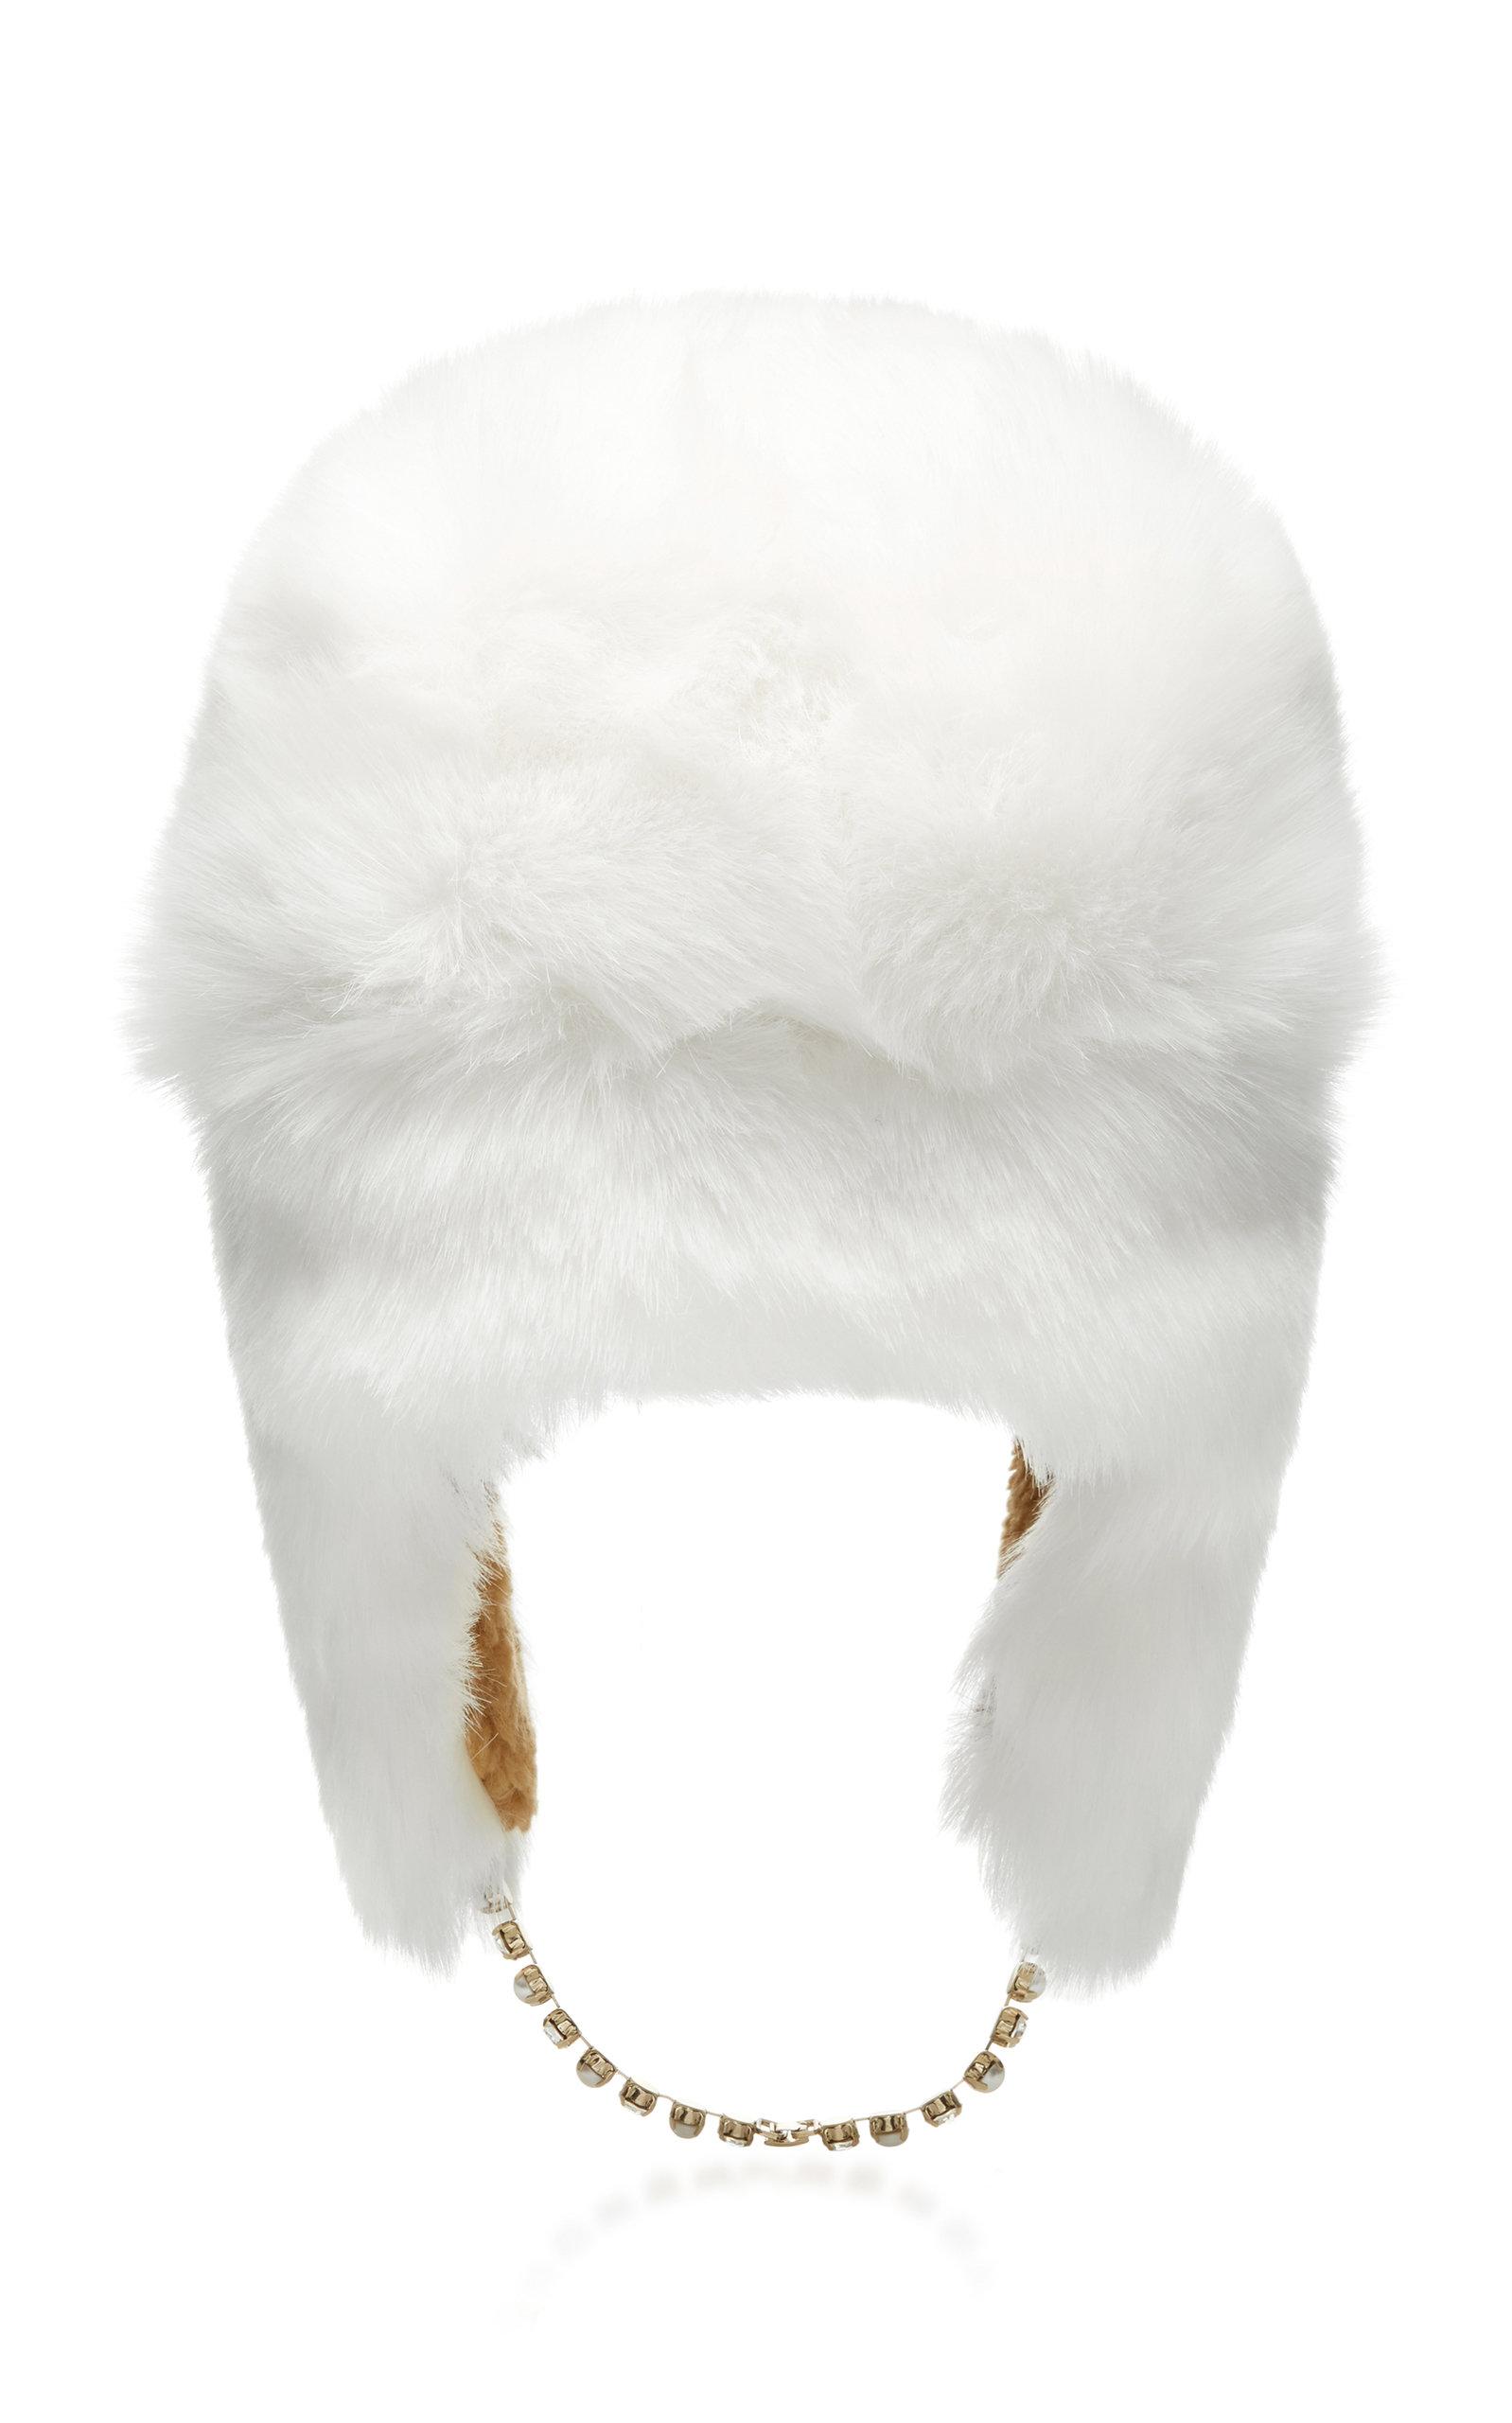 Ecofur Alaska Crystal-Trimmed Hat Federica Moretti wsufen30